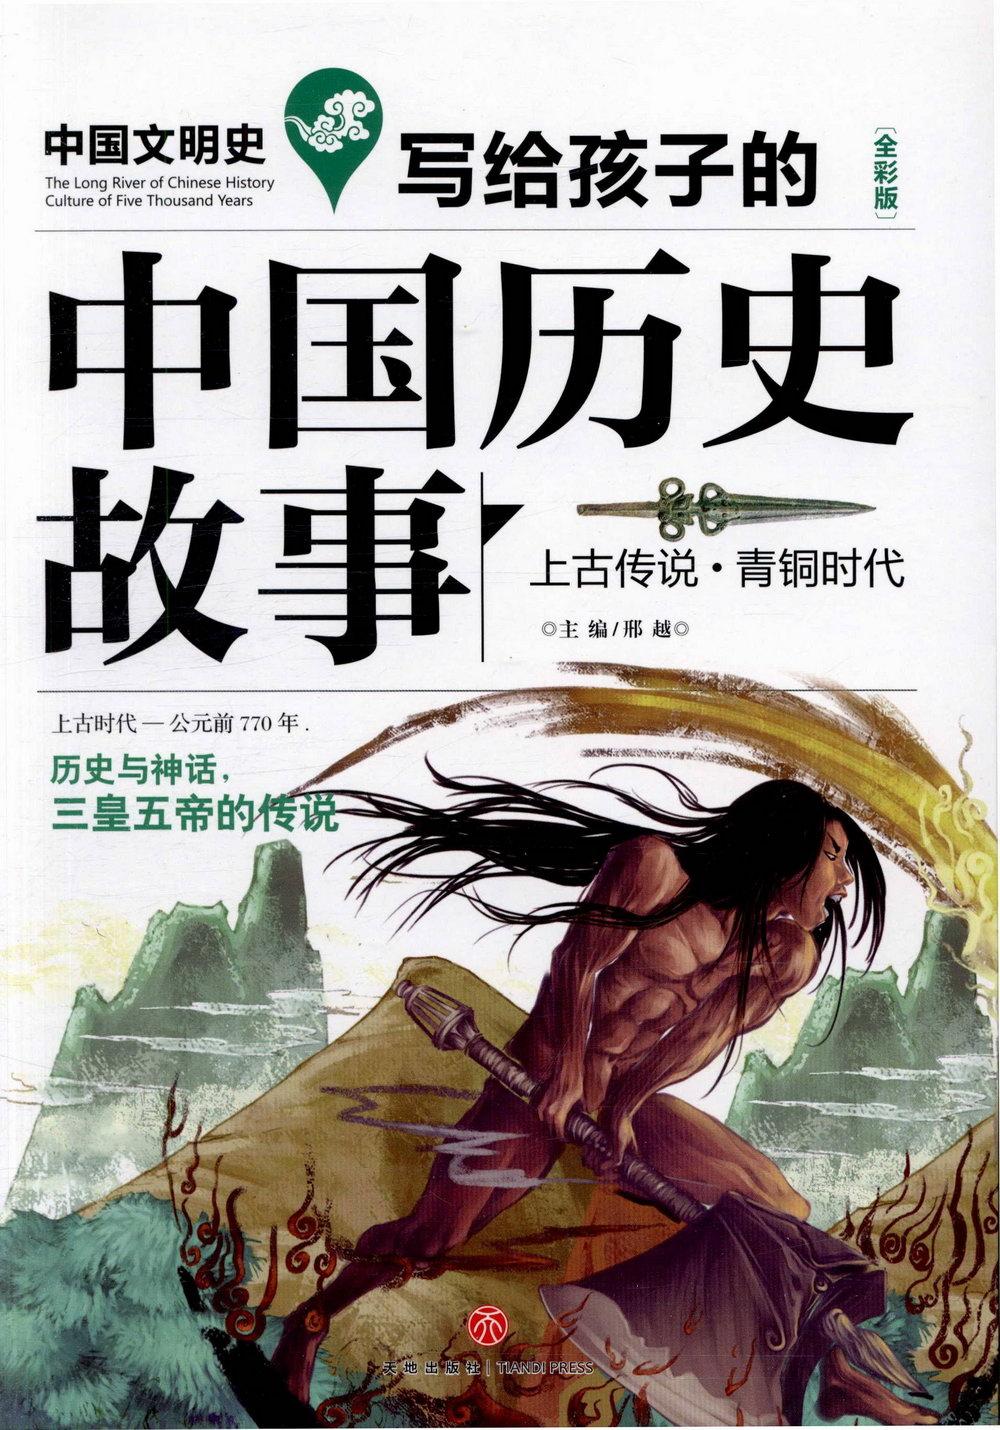 寫給孩子的中國歷史故事:上古傳說·青銅時代